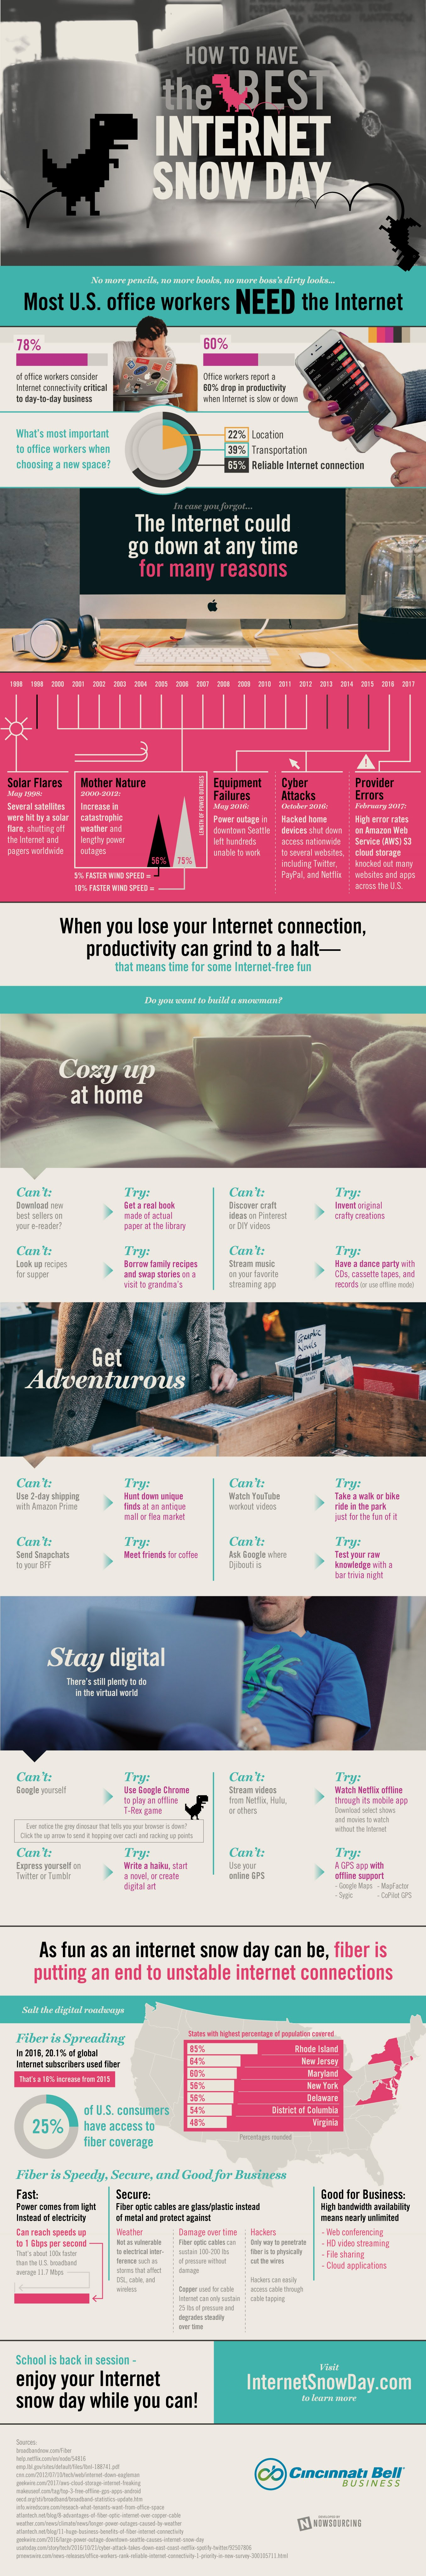 12 cosas que puedes hacer cuando no tienes acceso a internet